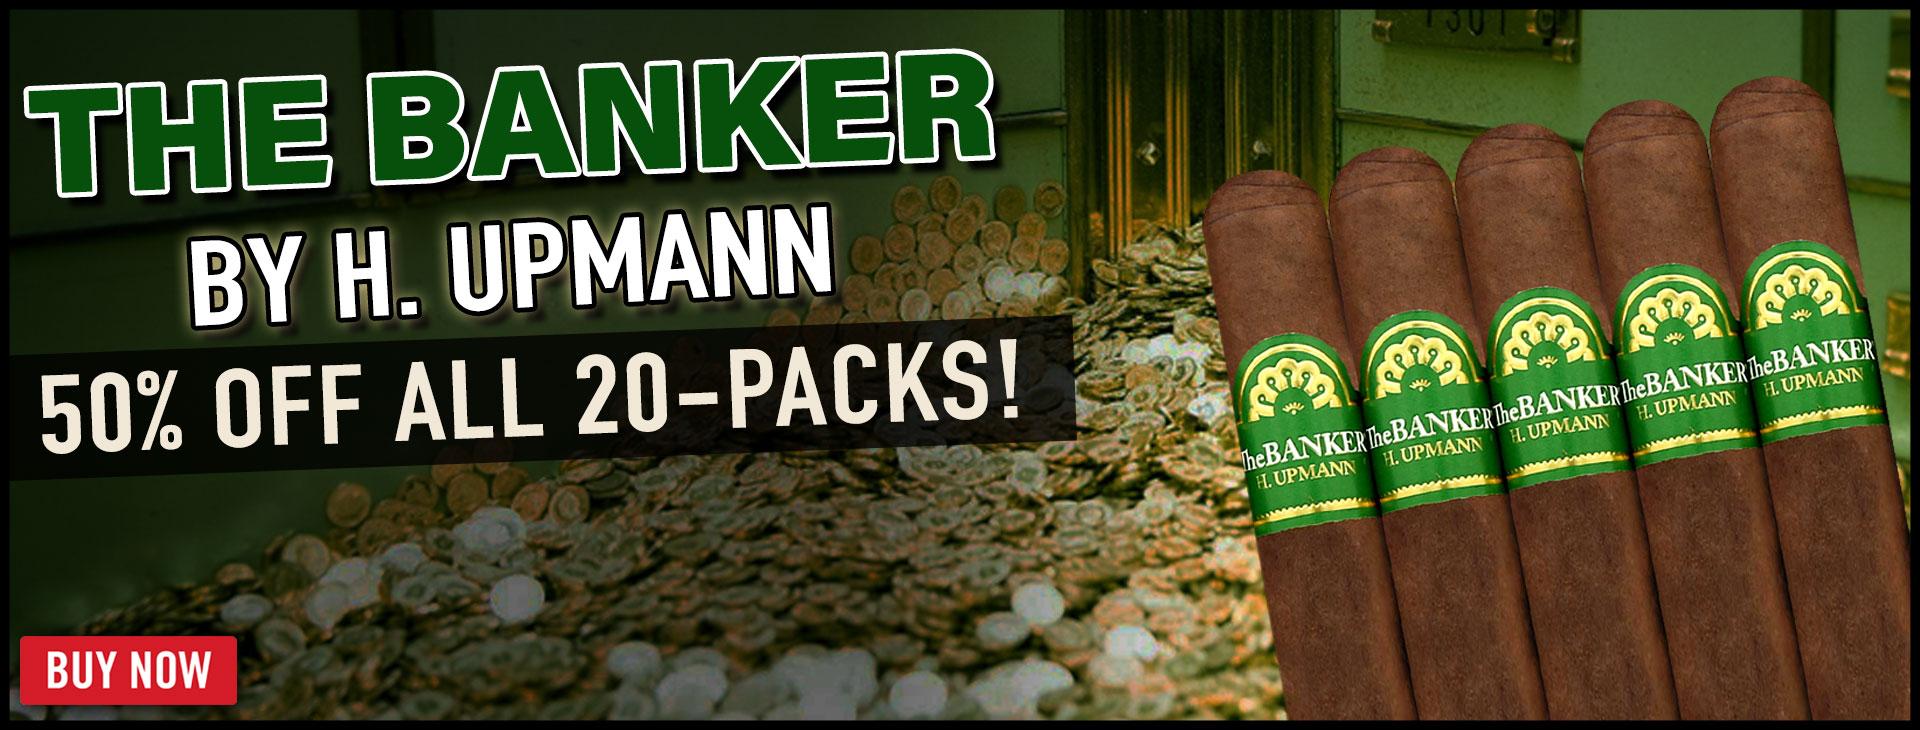 banker-2021-banner.jpg